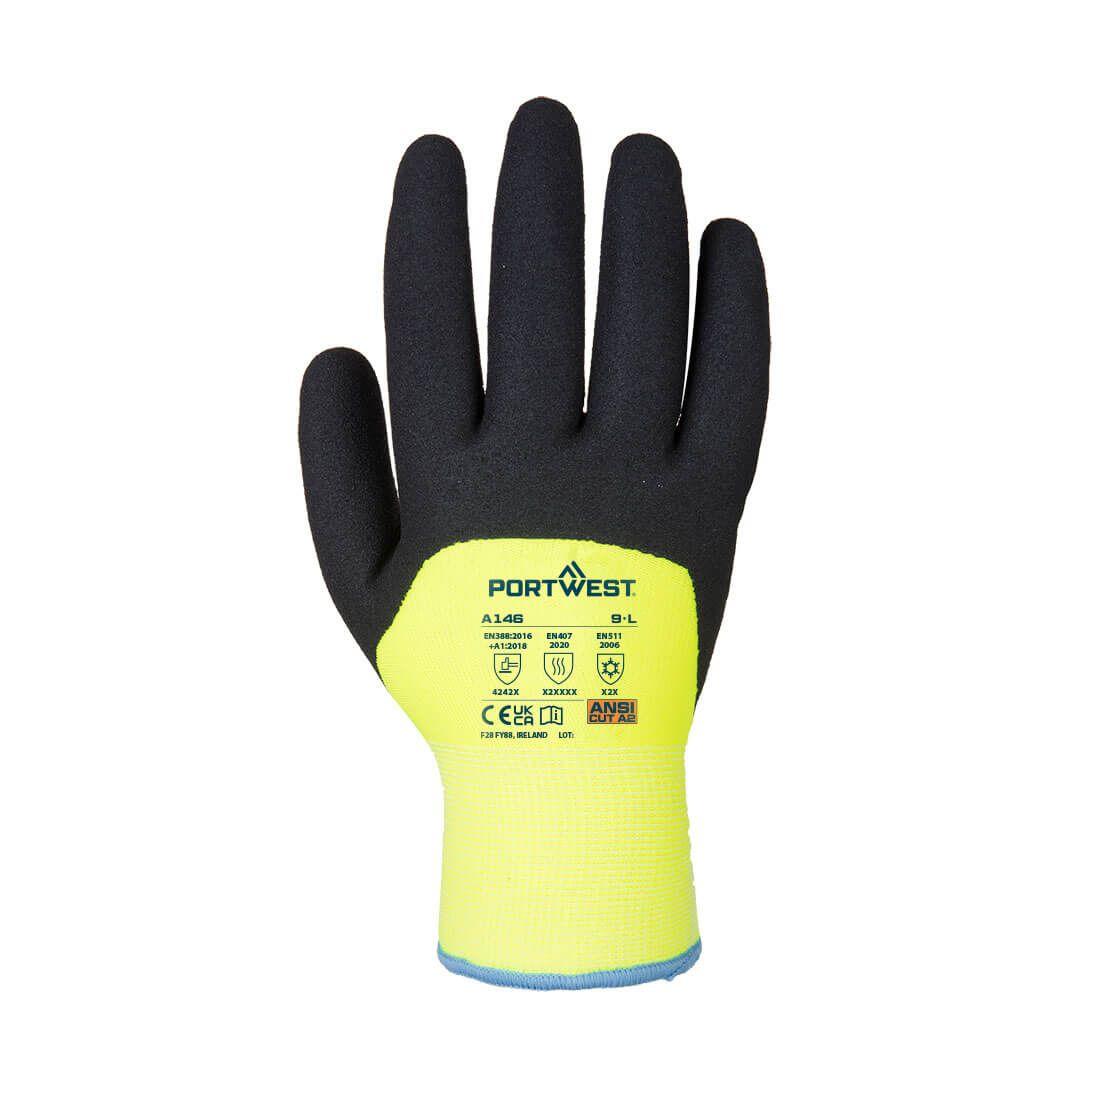 Portwest Handschoenen A146 geel(YE)